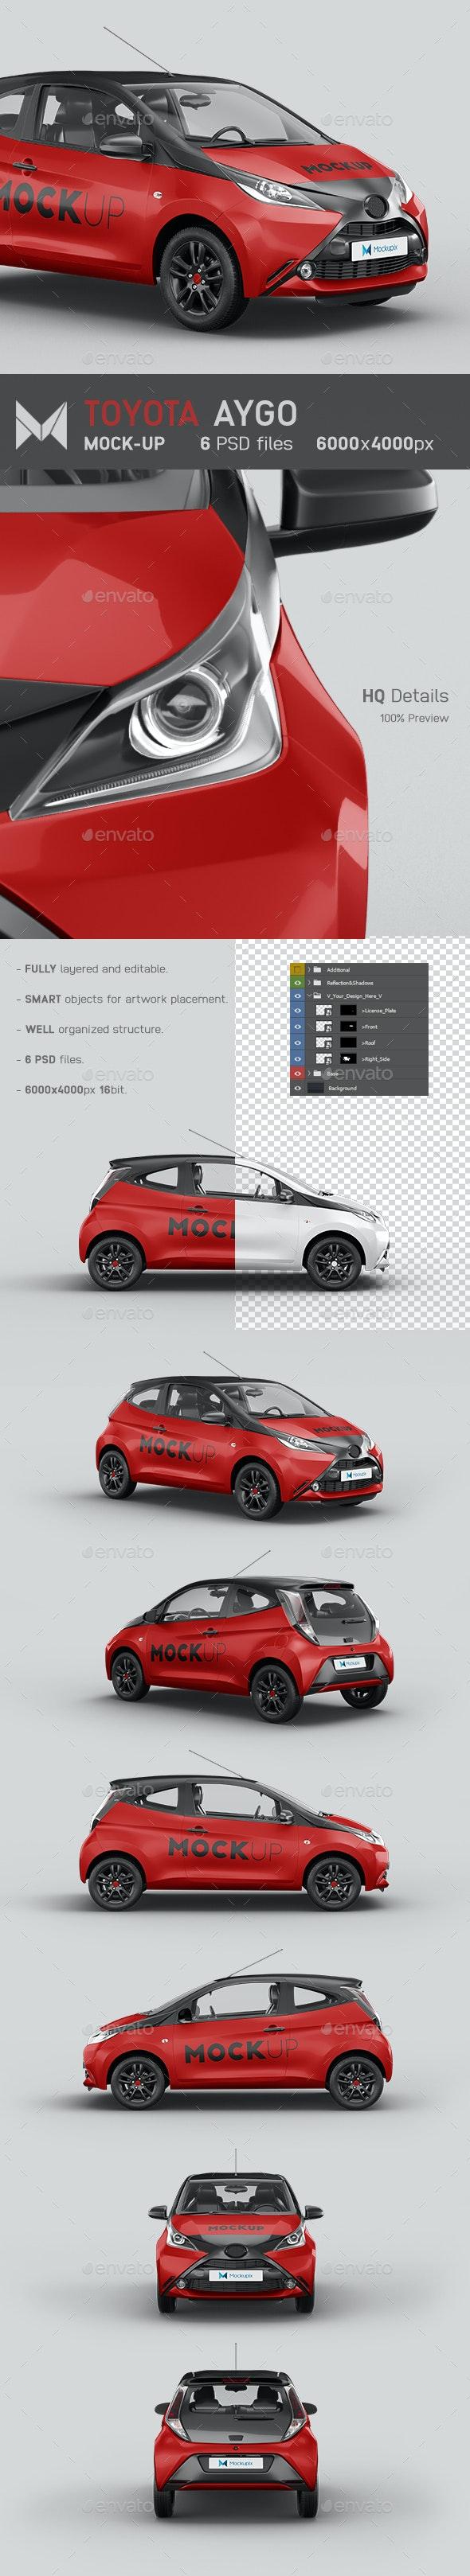 Toyota Aygo Car Mockup - Vehicle Wraps Print